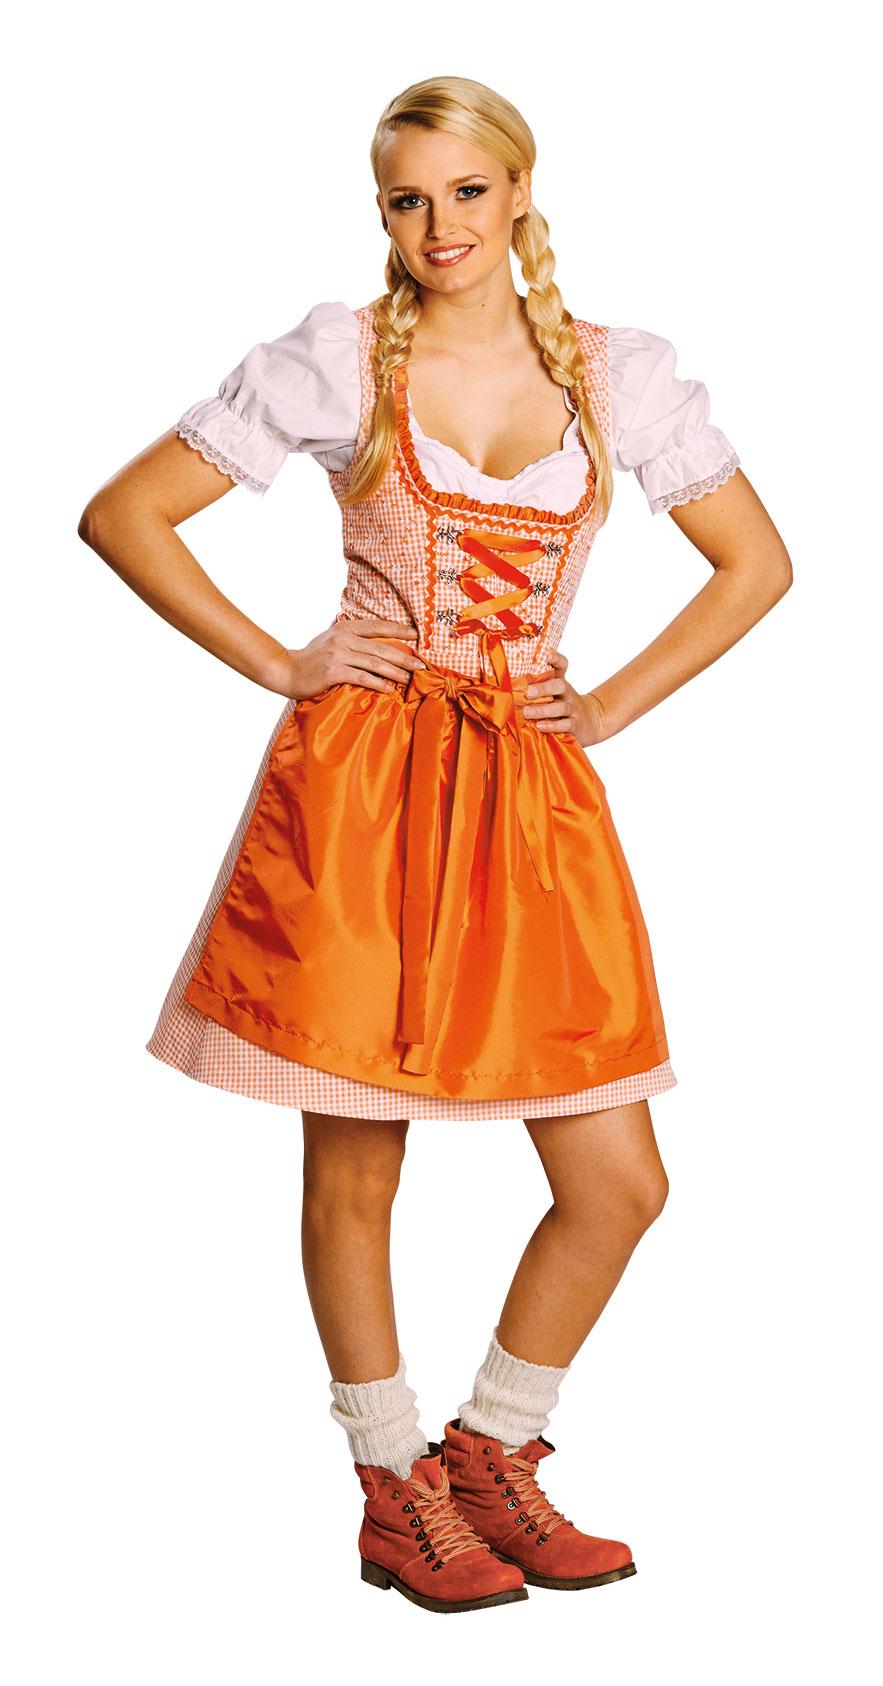 78de92d1477af7 Karneval Kostüme Dirndl mit Schürze lang orange weiß für Damen (Kostüme)